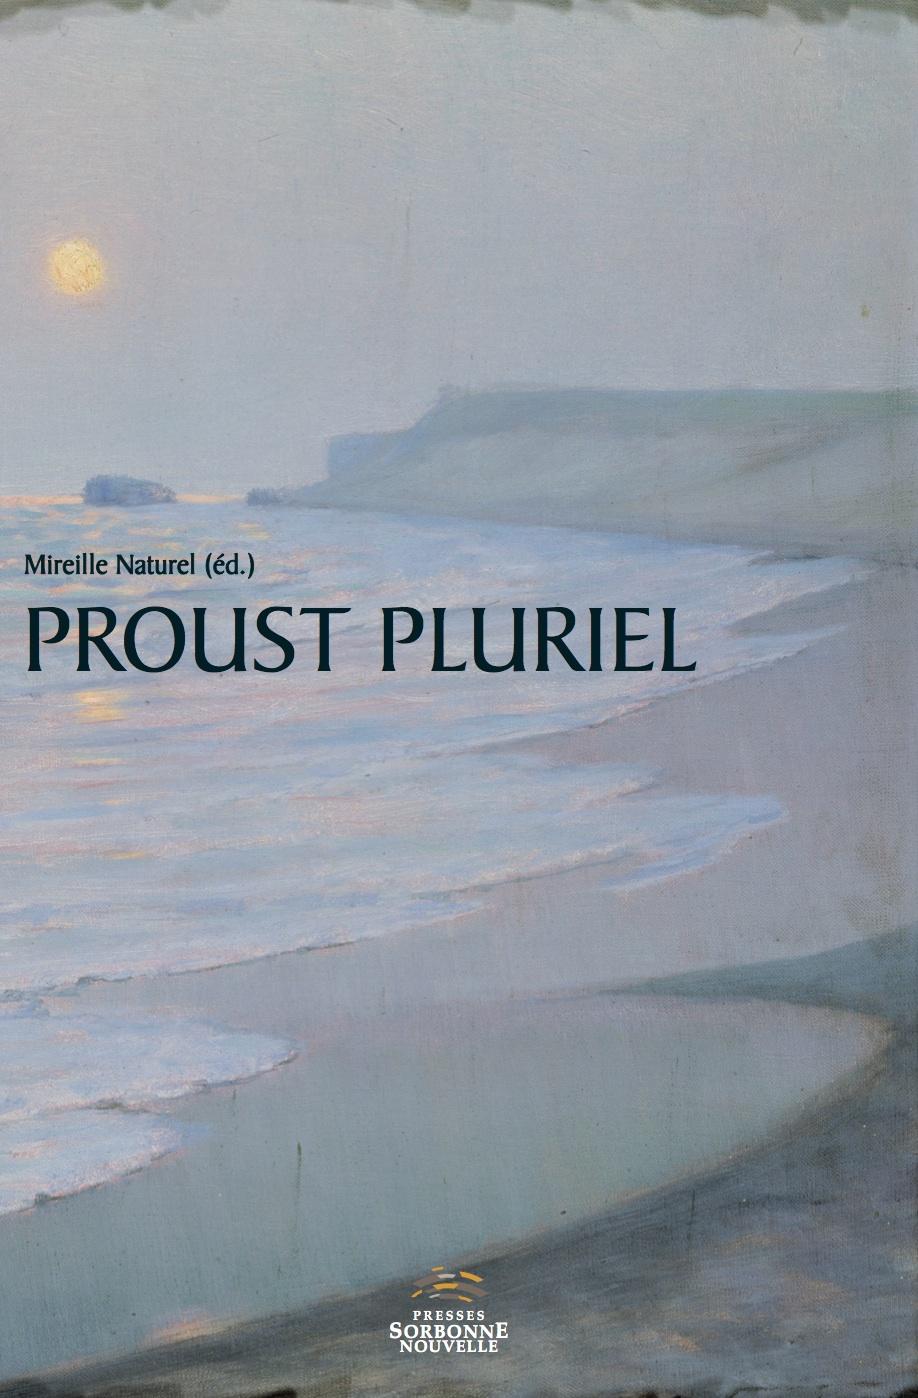 M. Naturel (dir.), Proust pluriel